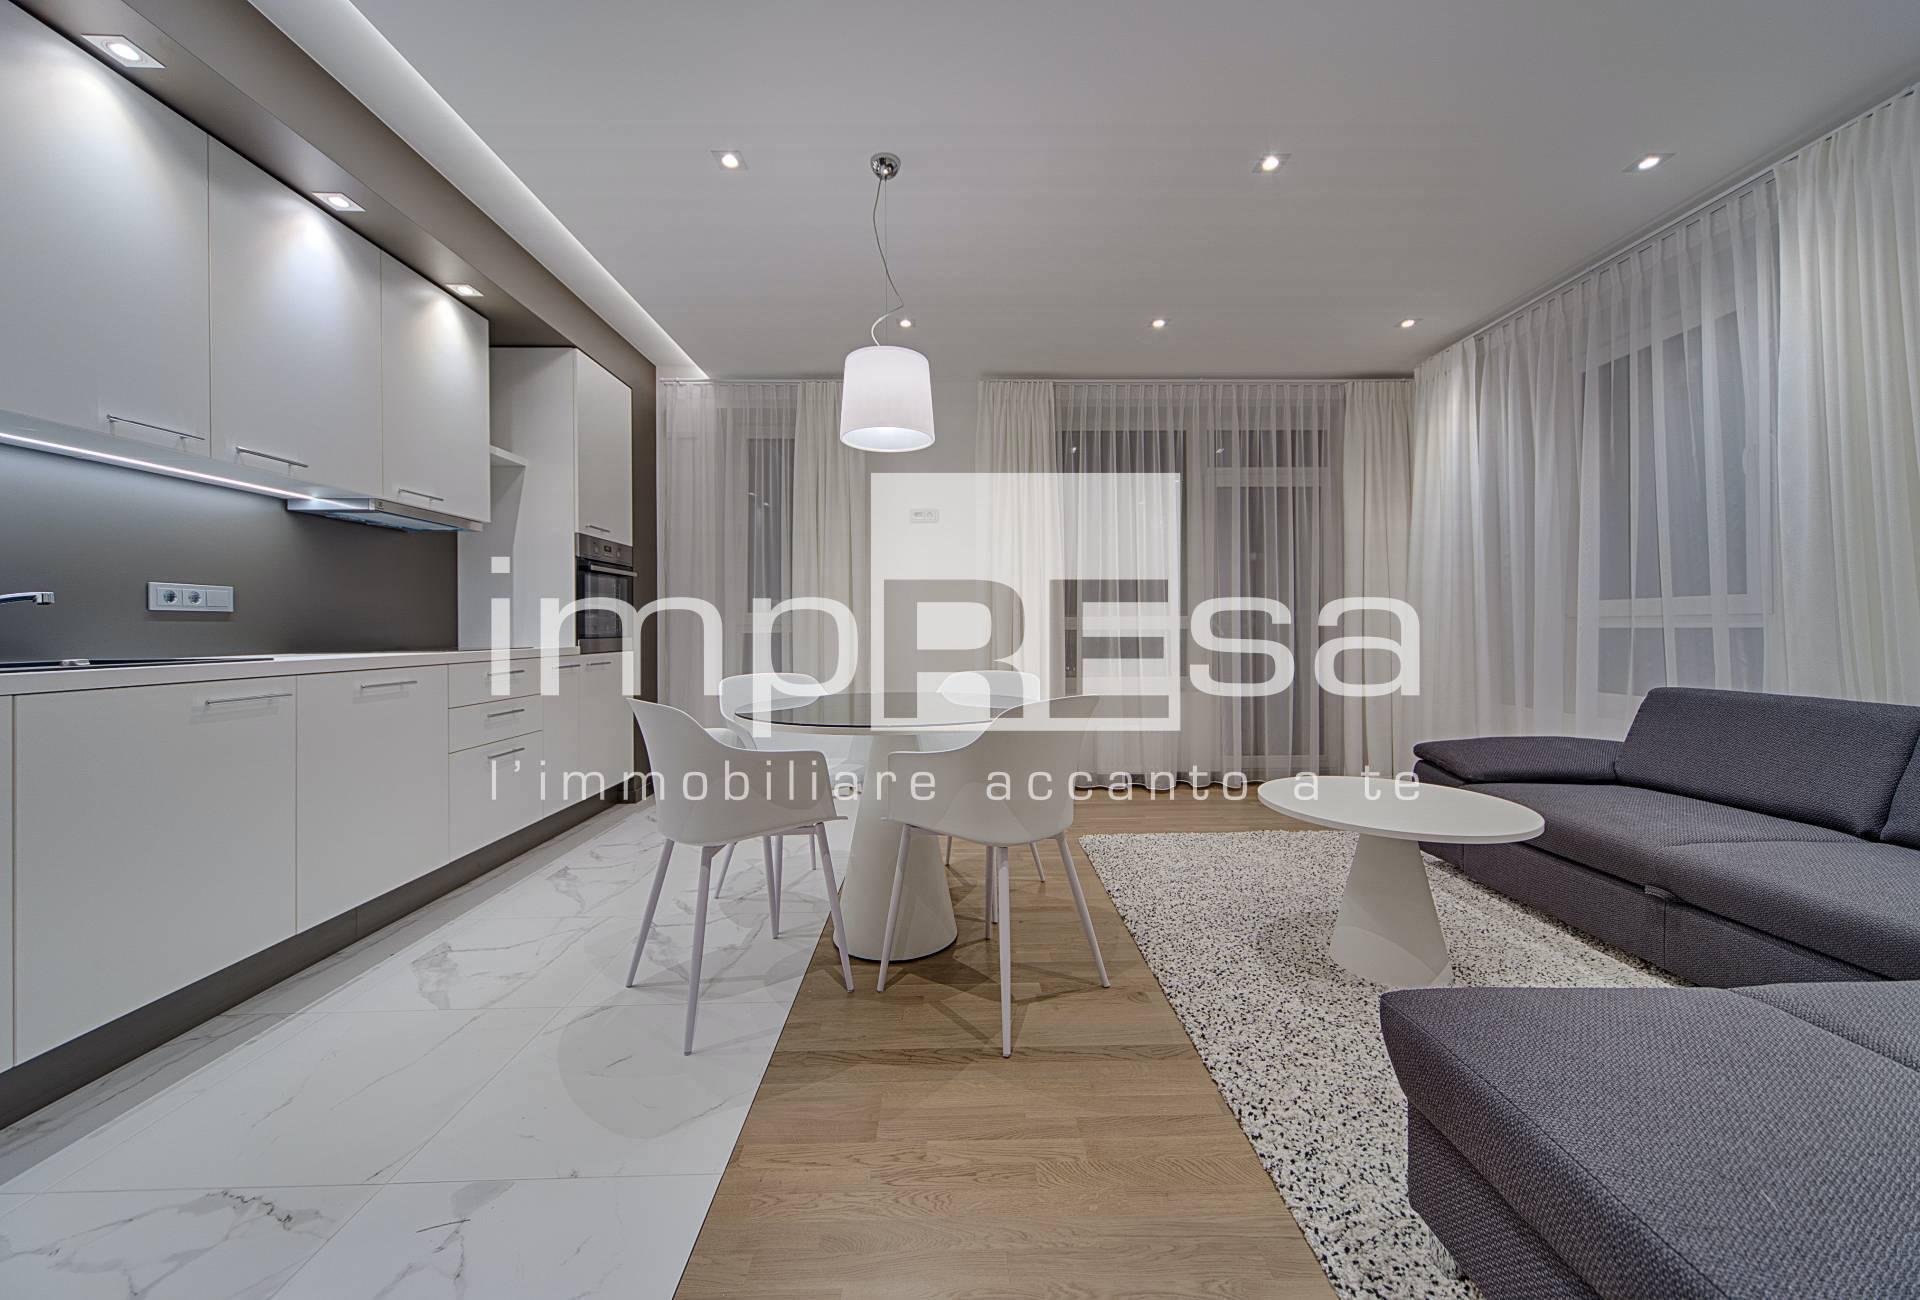 Appartamento in vendita a Paese, 4 locali, zona Zona: Padernello, prezzo € 243.420   CambioCasa.it